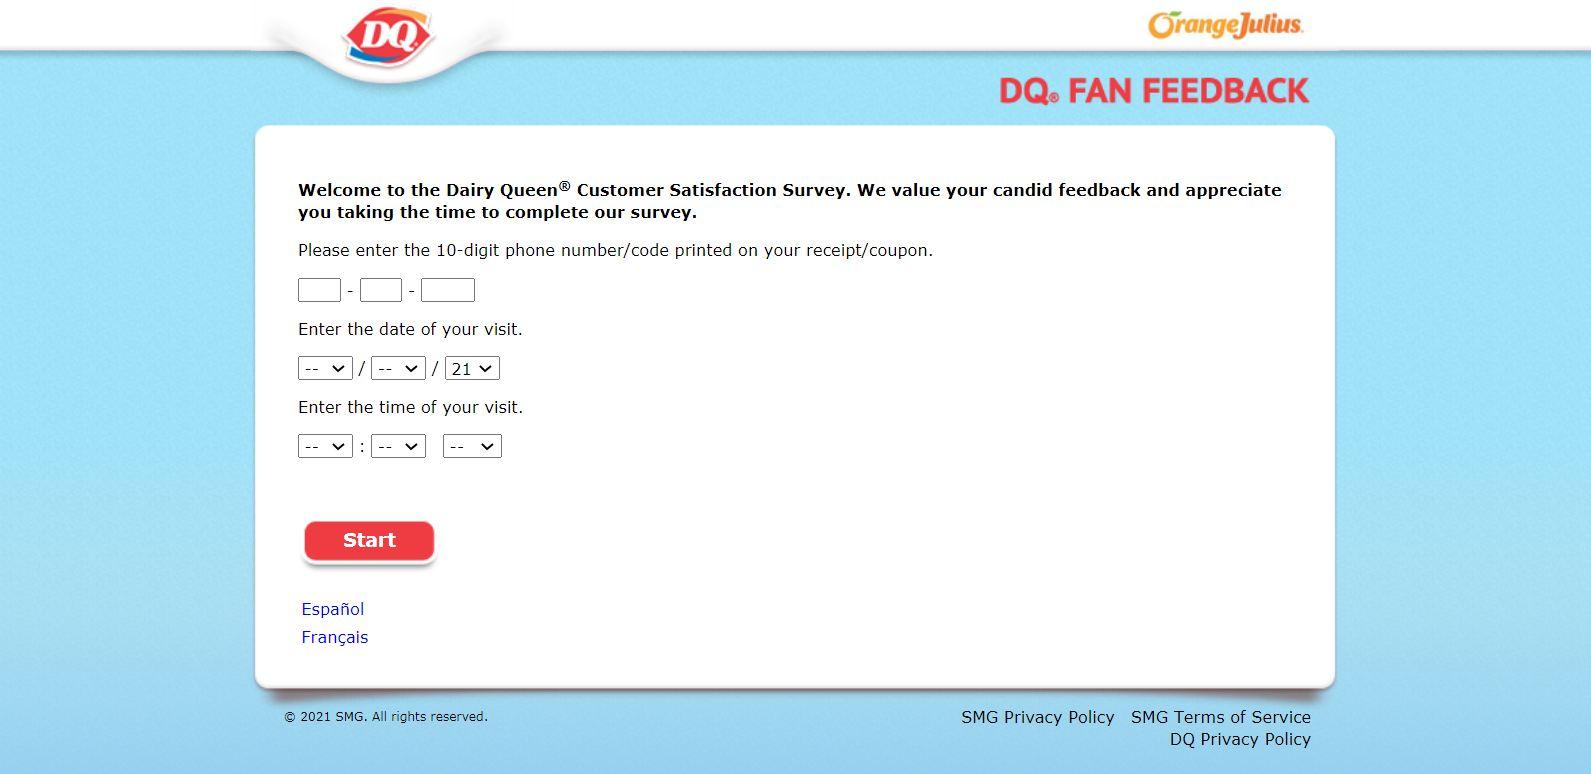 www.Dqfanfeedback.com - DQ Feedback Survey - Free Dilly Bar